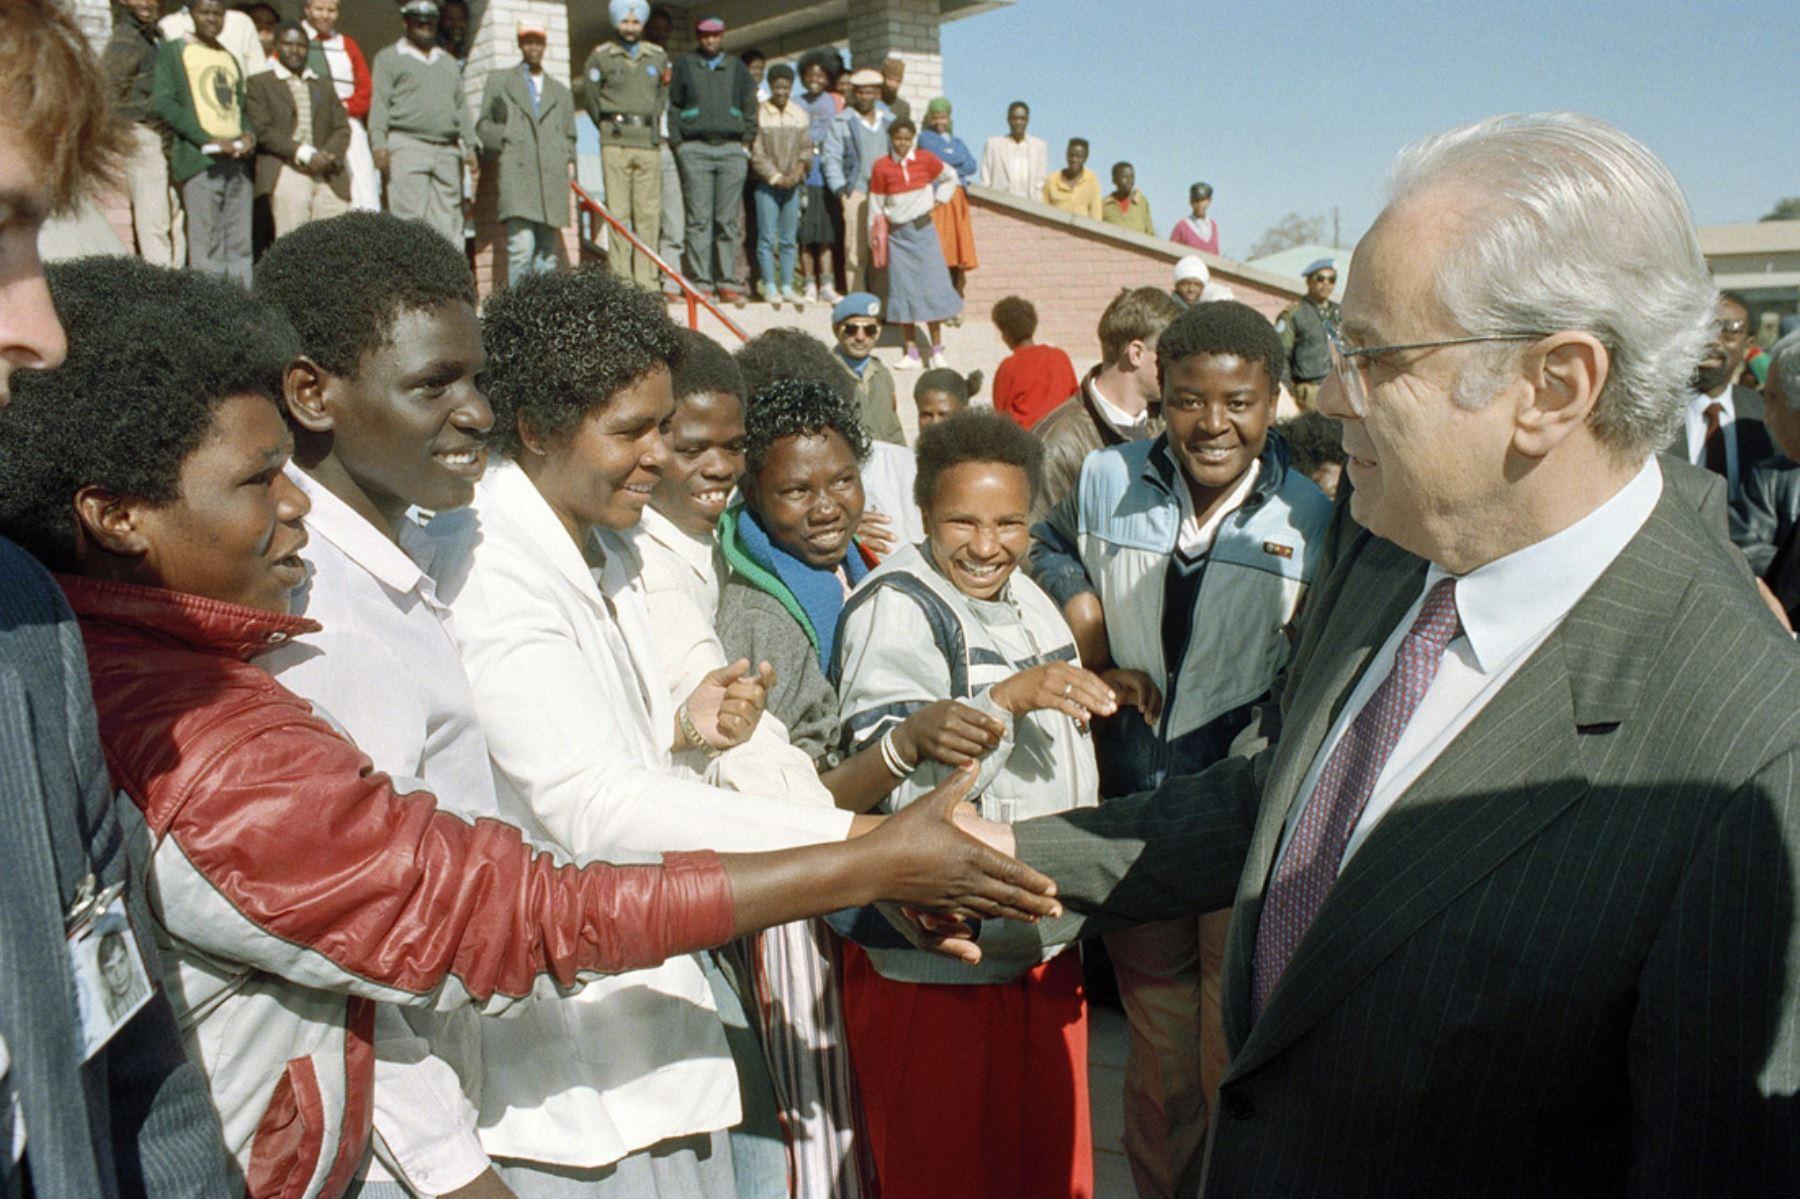 Windhoek, Namibia - 1 julio 1989 / El secretario general de las Naciones Unidas, Javier Pérez de Cuéllar, estrechando la mano con los residentes de Katatura, un municipio negro de Windhoek. El Secretario General visitó el Centro de Distrito de Katatura del UNTAG como parte de su gira por las operaciones de UNTAG en Namibia.  Foto: Naciones Unidas